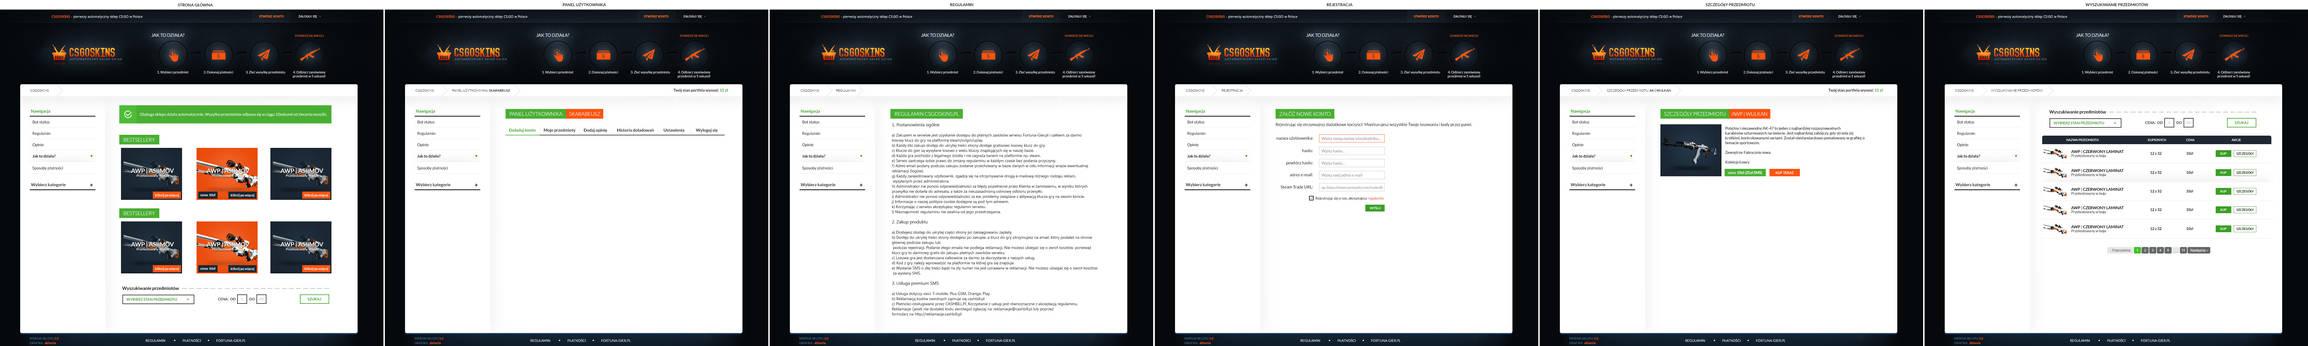 Layout skinmarket.pl sprzedaz skinow CS GO